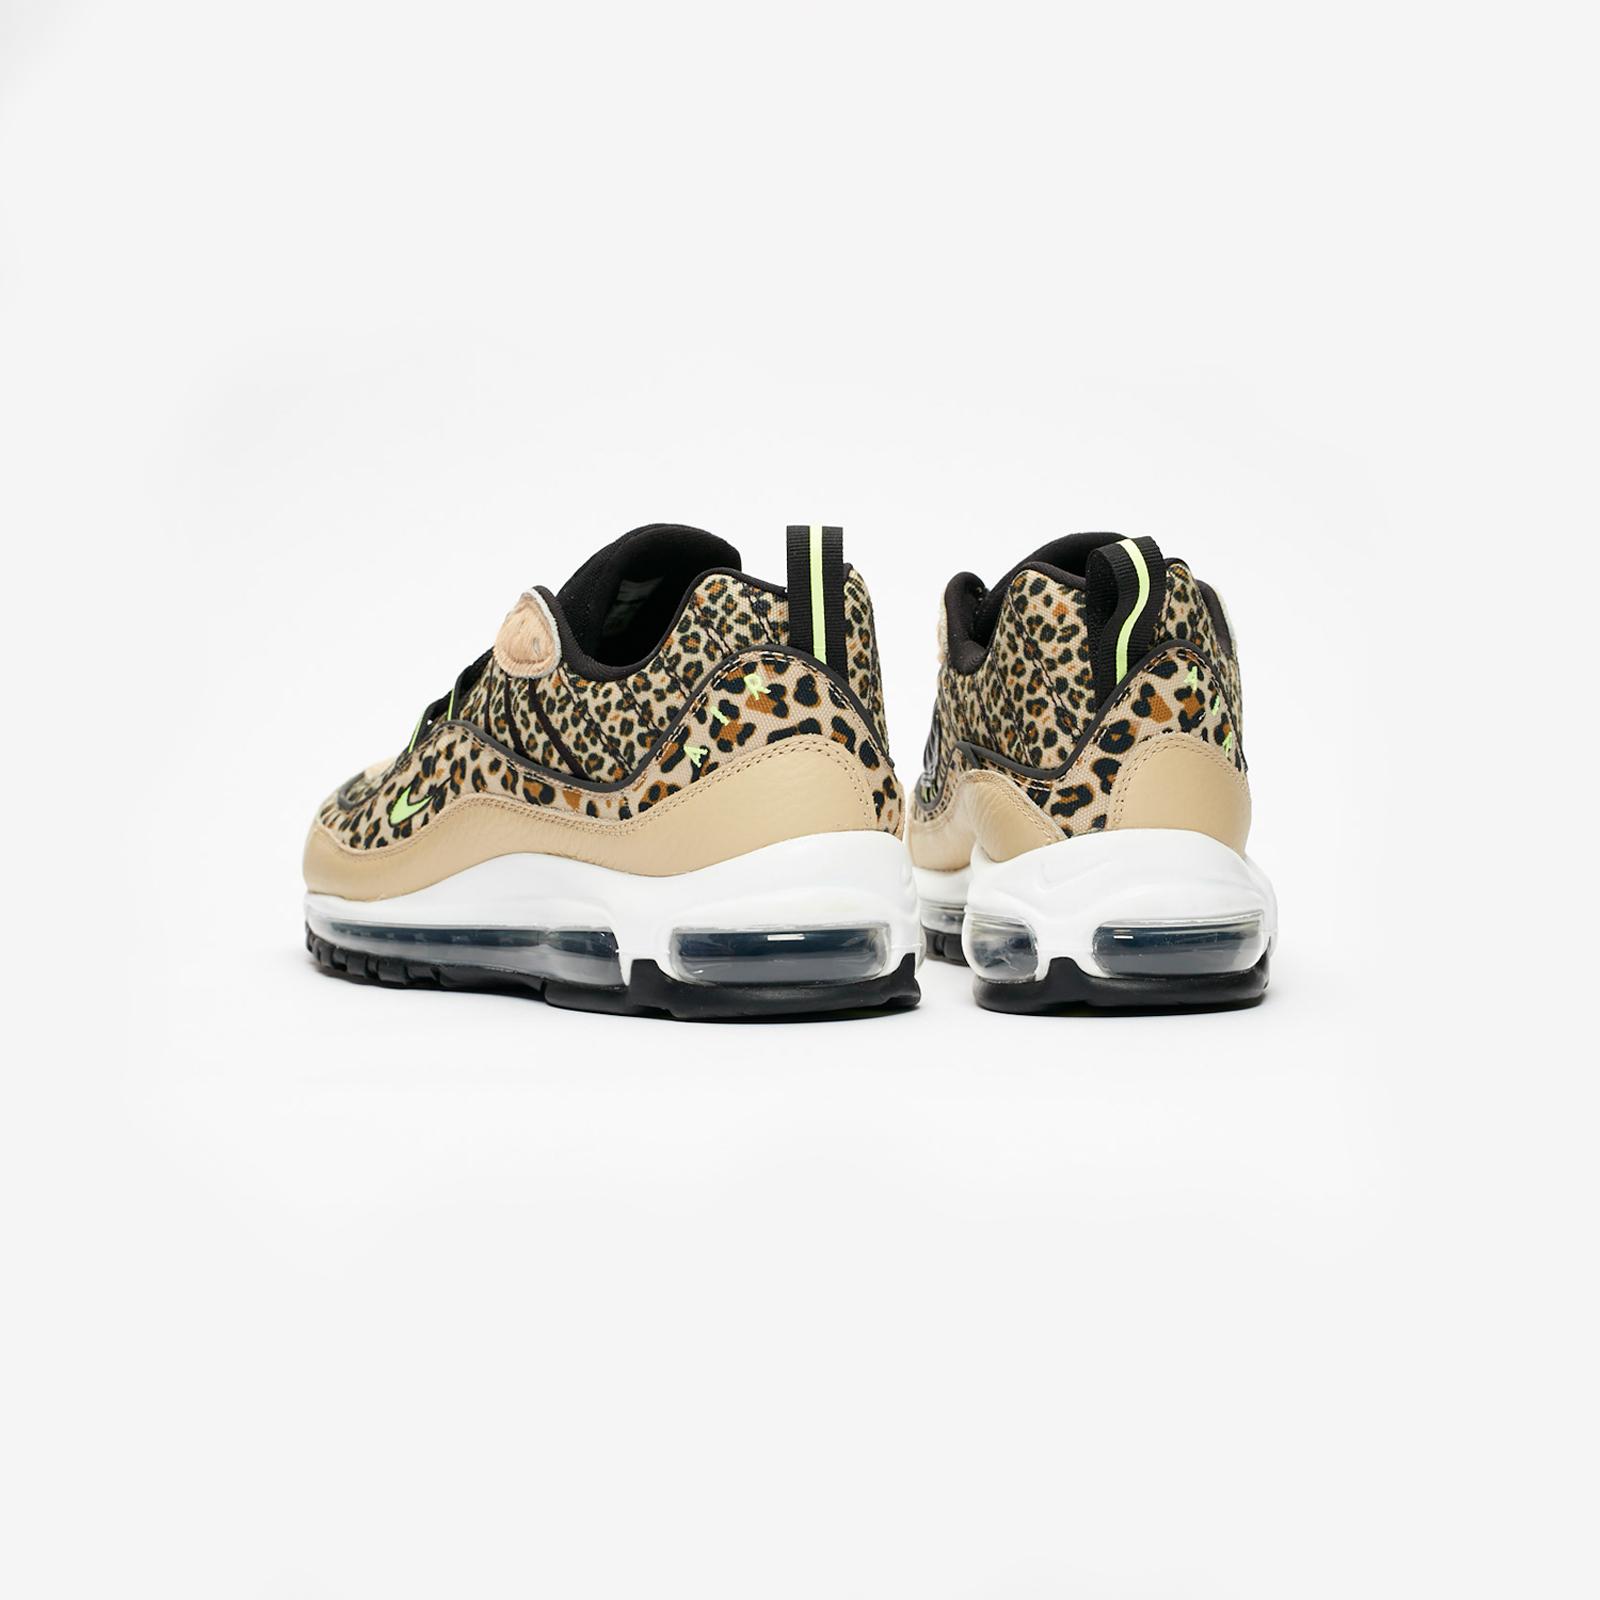 458510d5fe5f Nike Wmns Air Max 98 Premium - Bv1978-200 - Sneakersnstuff   sneakers &  streetwear online since 1999